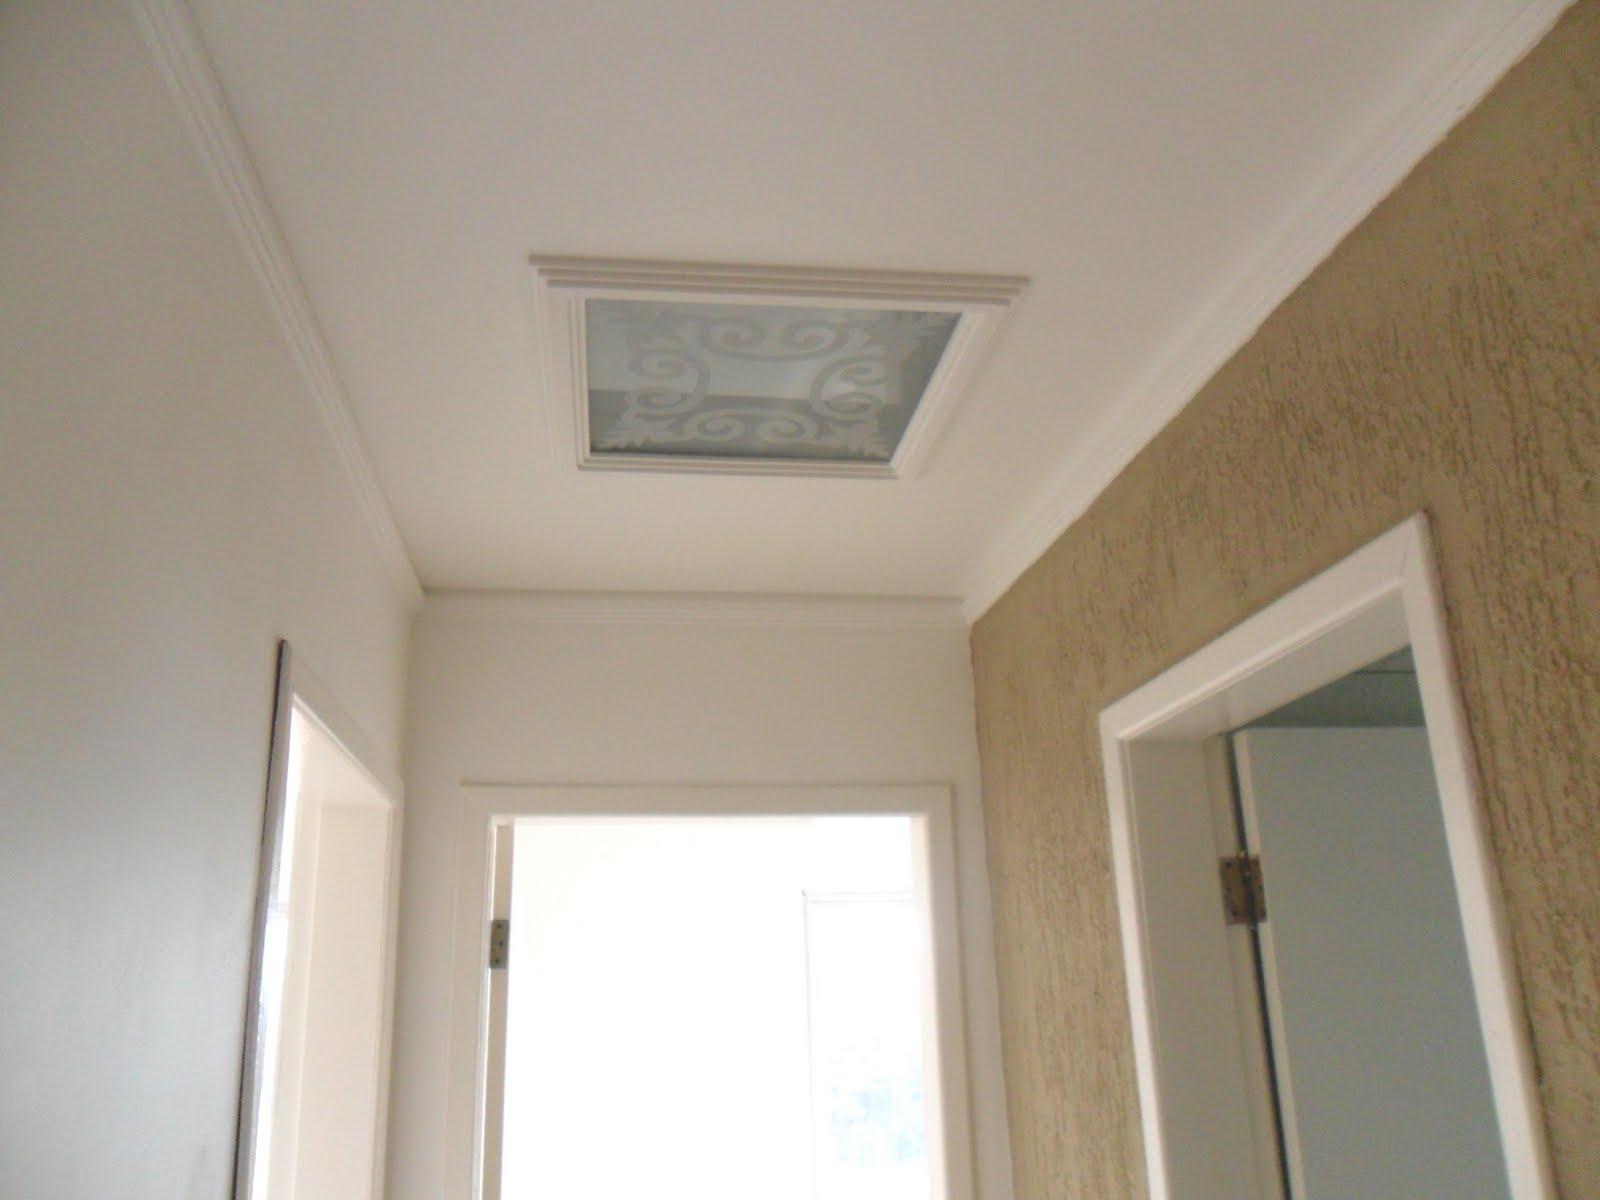 sala ampla com rebaixamento em gesso banheiro com box BLINDEX  #7C6949 1600 1200